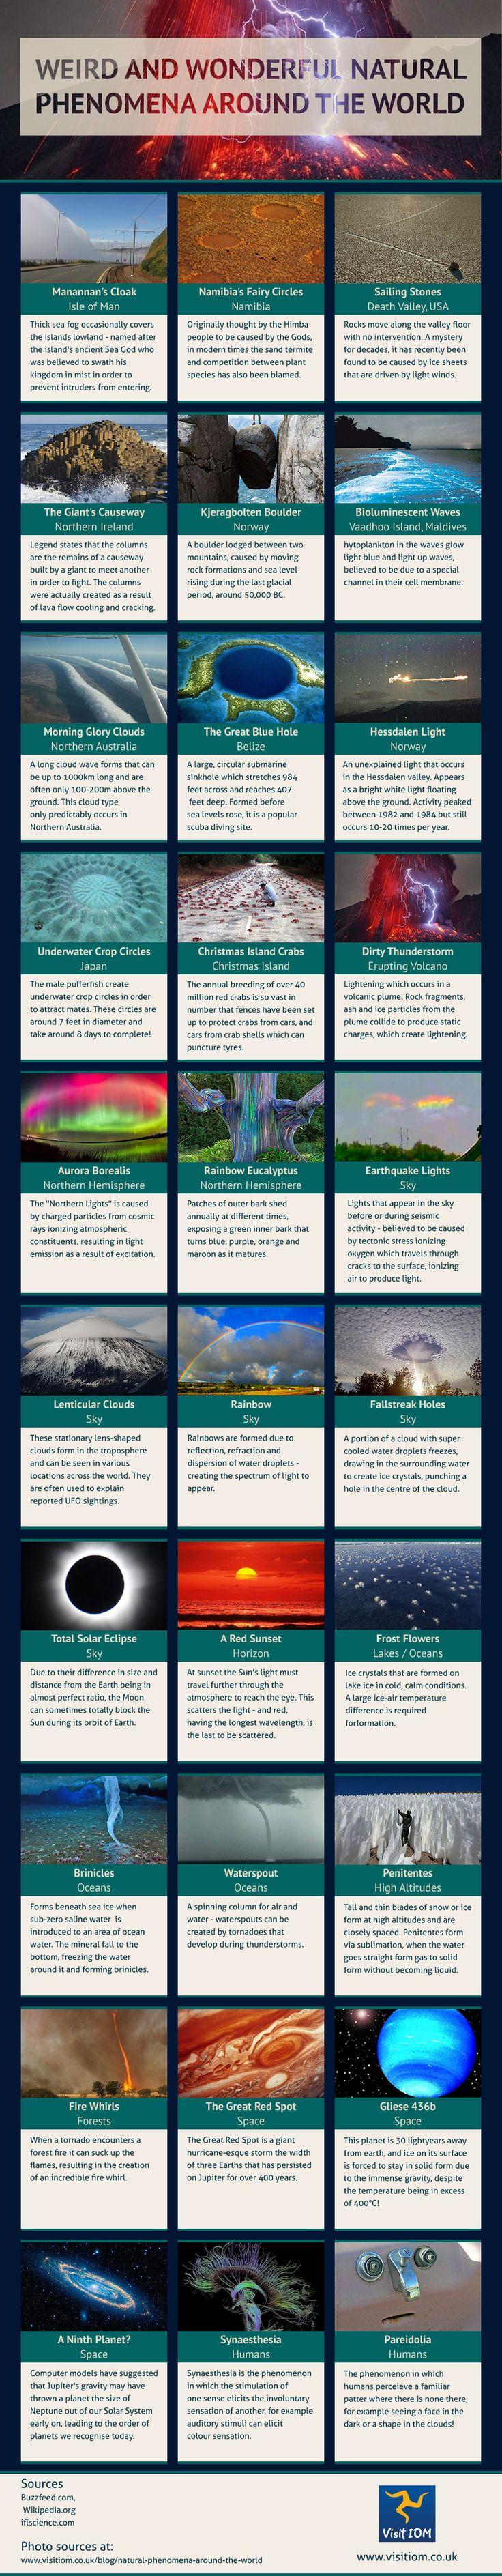 Weird and Wonderful Natural Phenomena Around the World #infographic #Travel #NaturalPhenomena